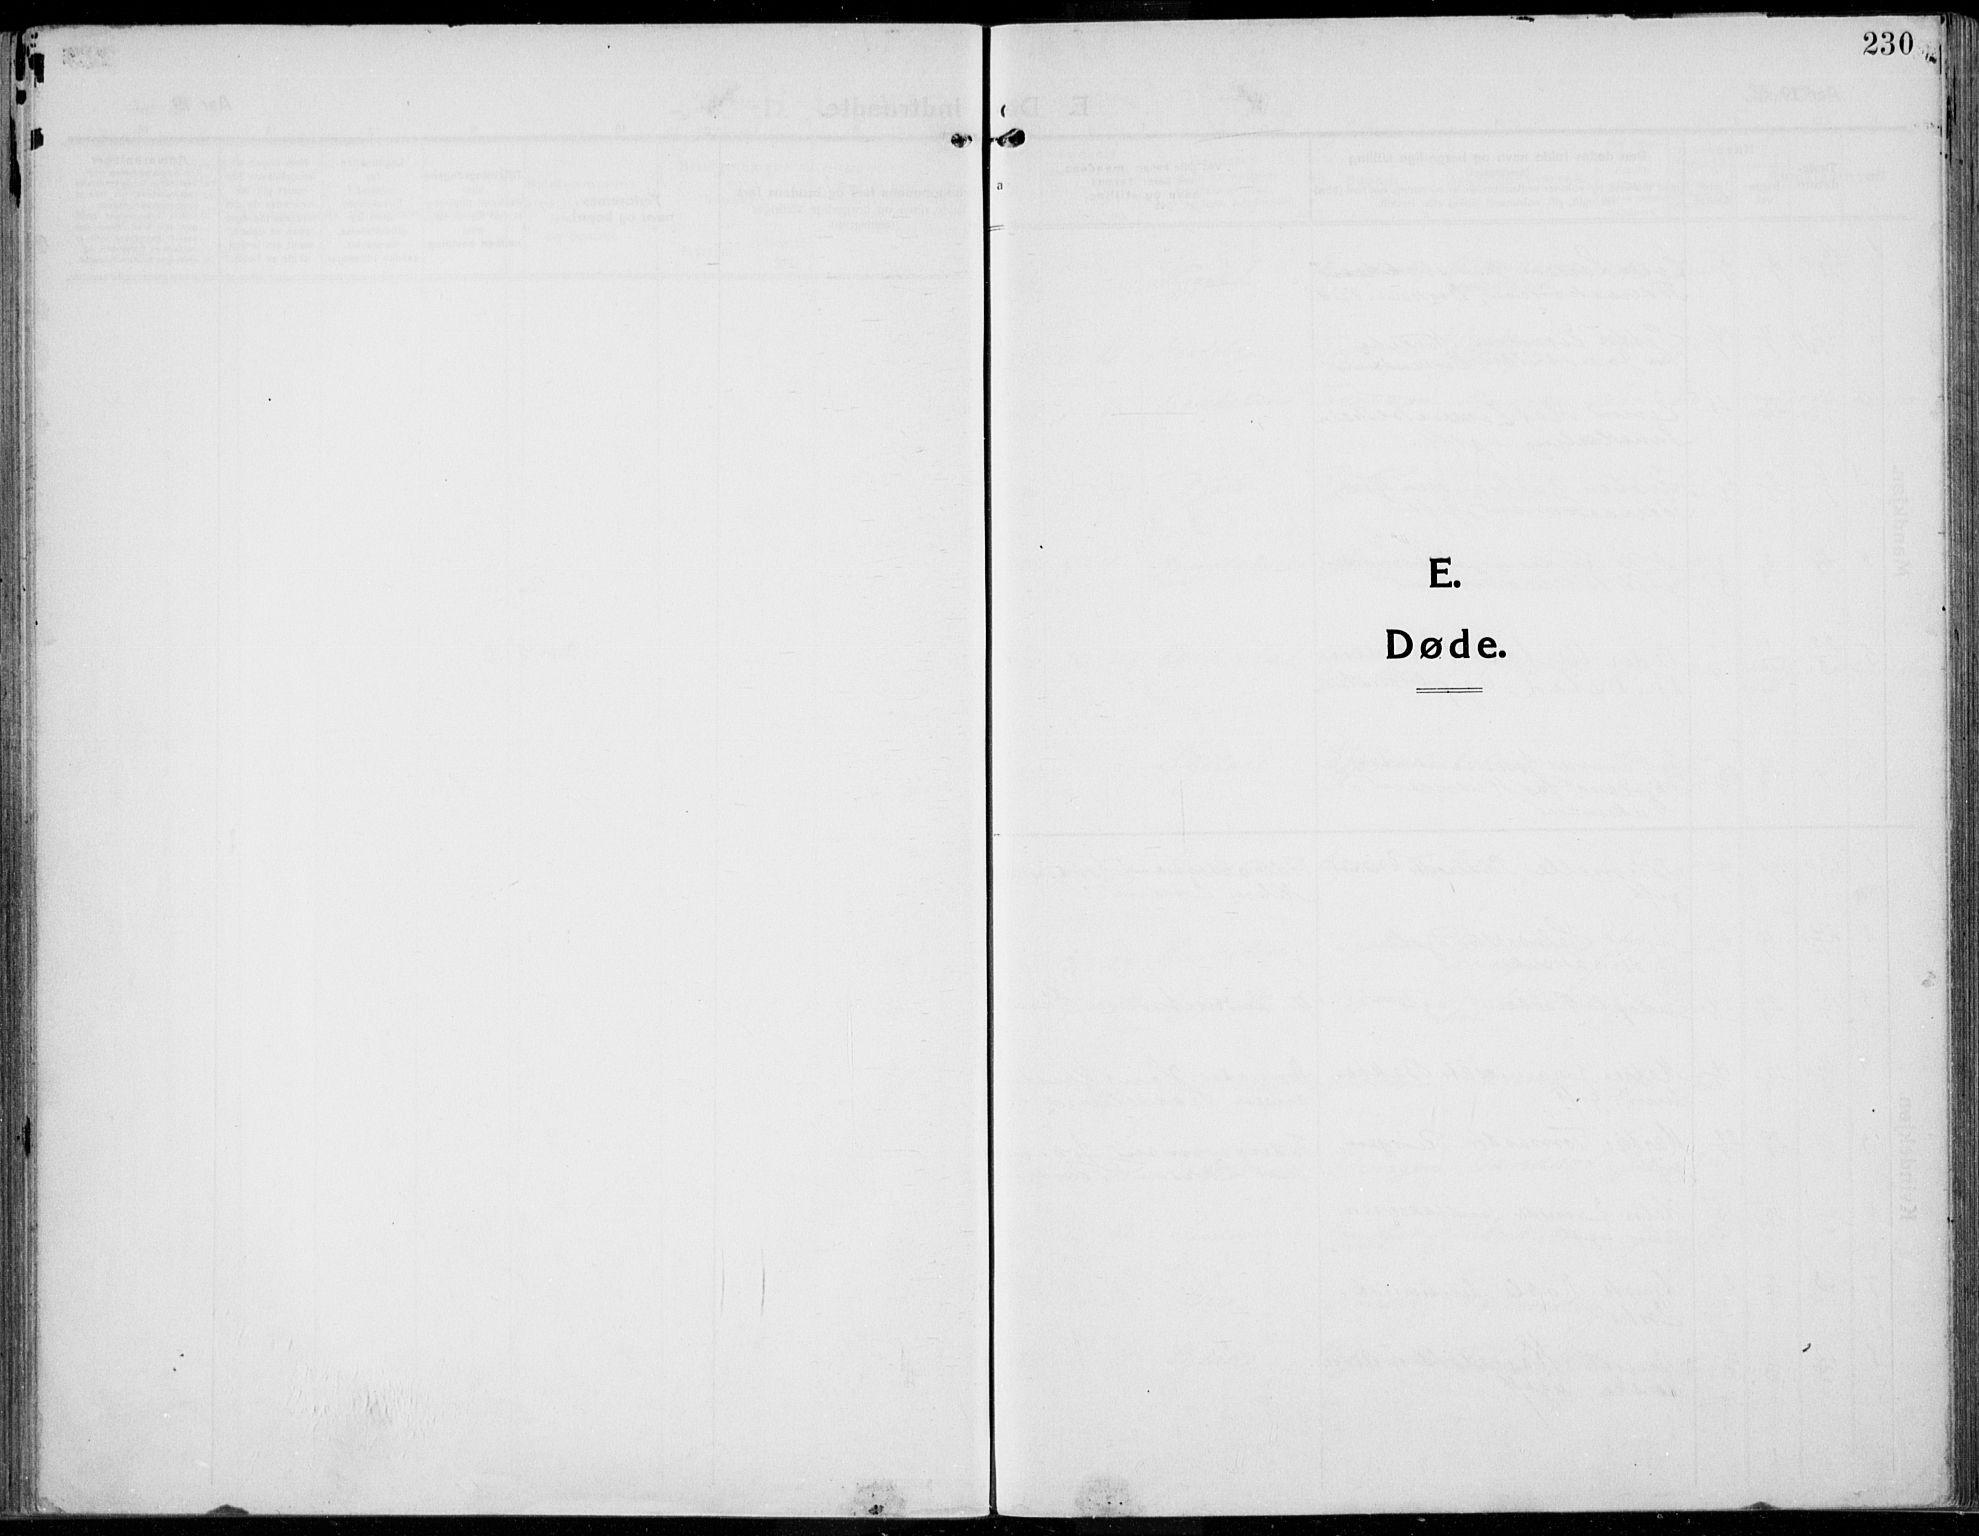 SAH, Kolbu prestekontor, Ministerialbok nr. 2, 1912-1926, s. 230